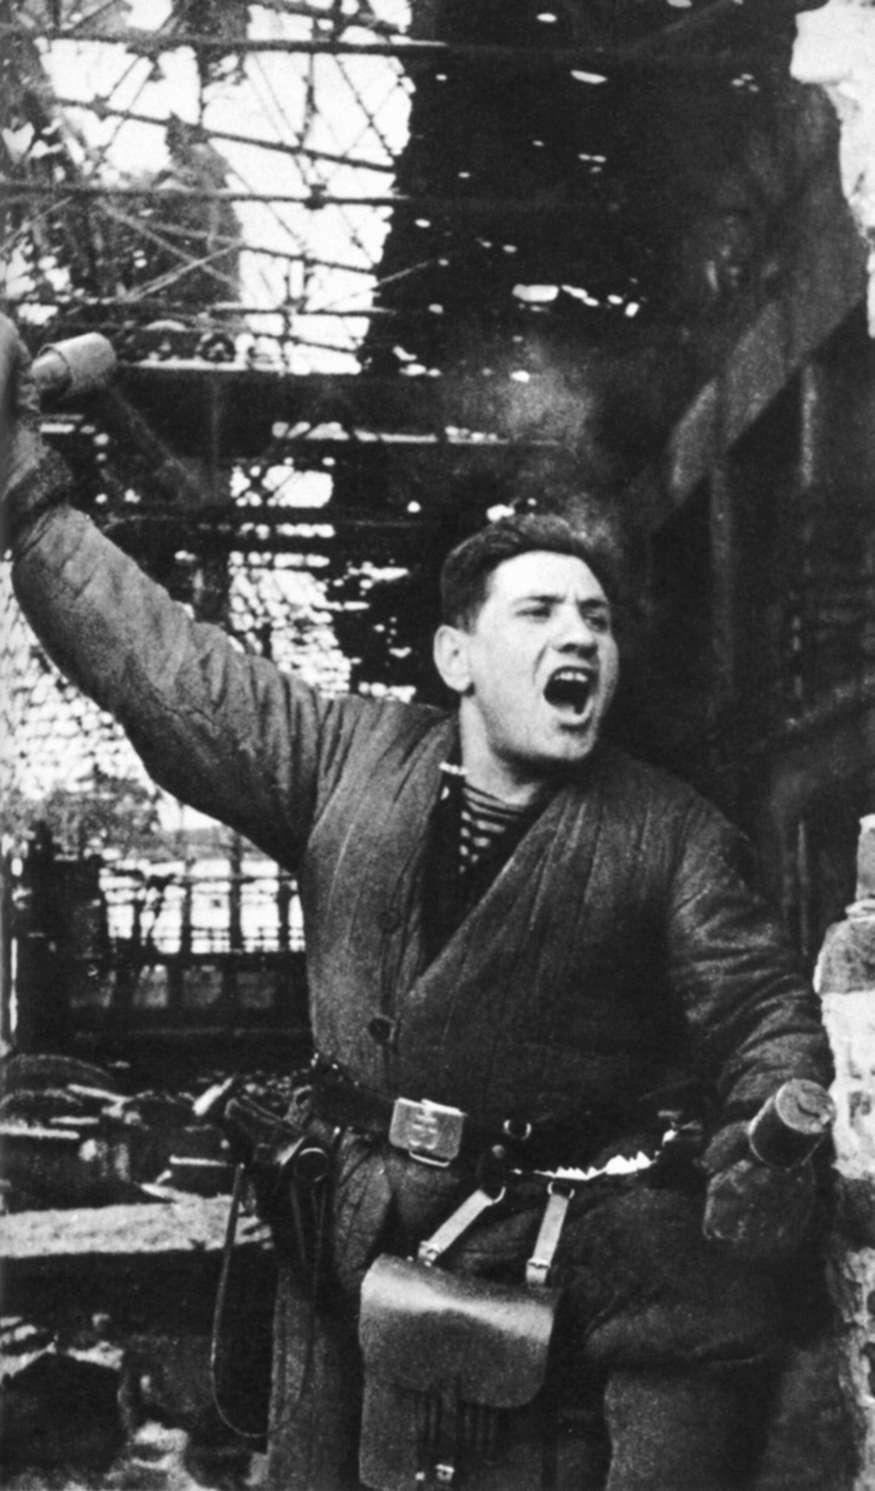 Στάλινγκραντ Сталинградская битва 20